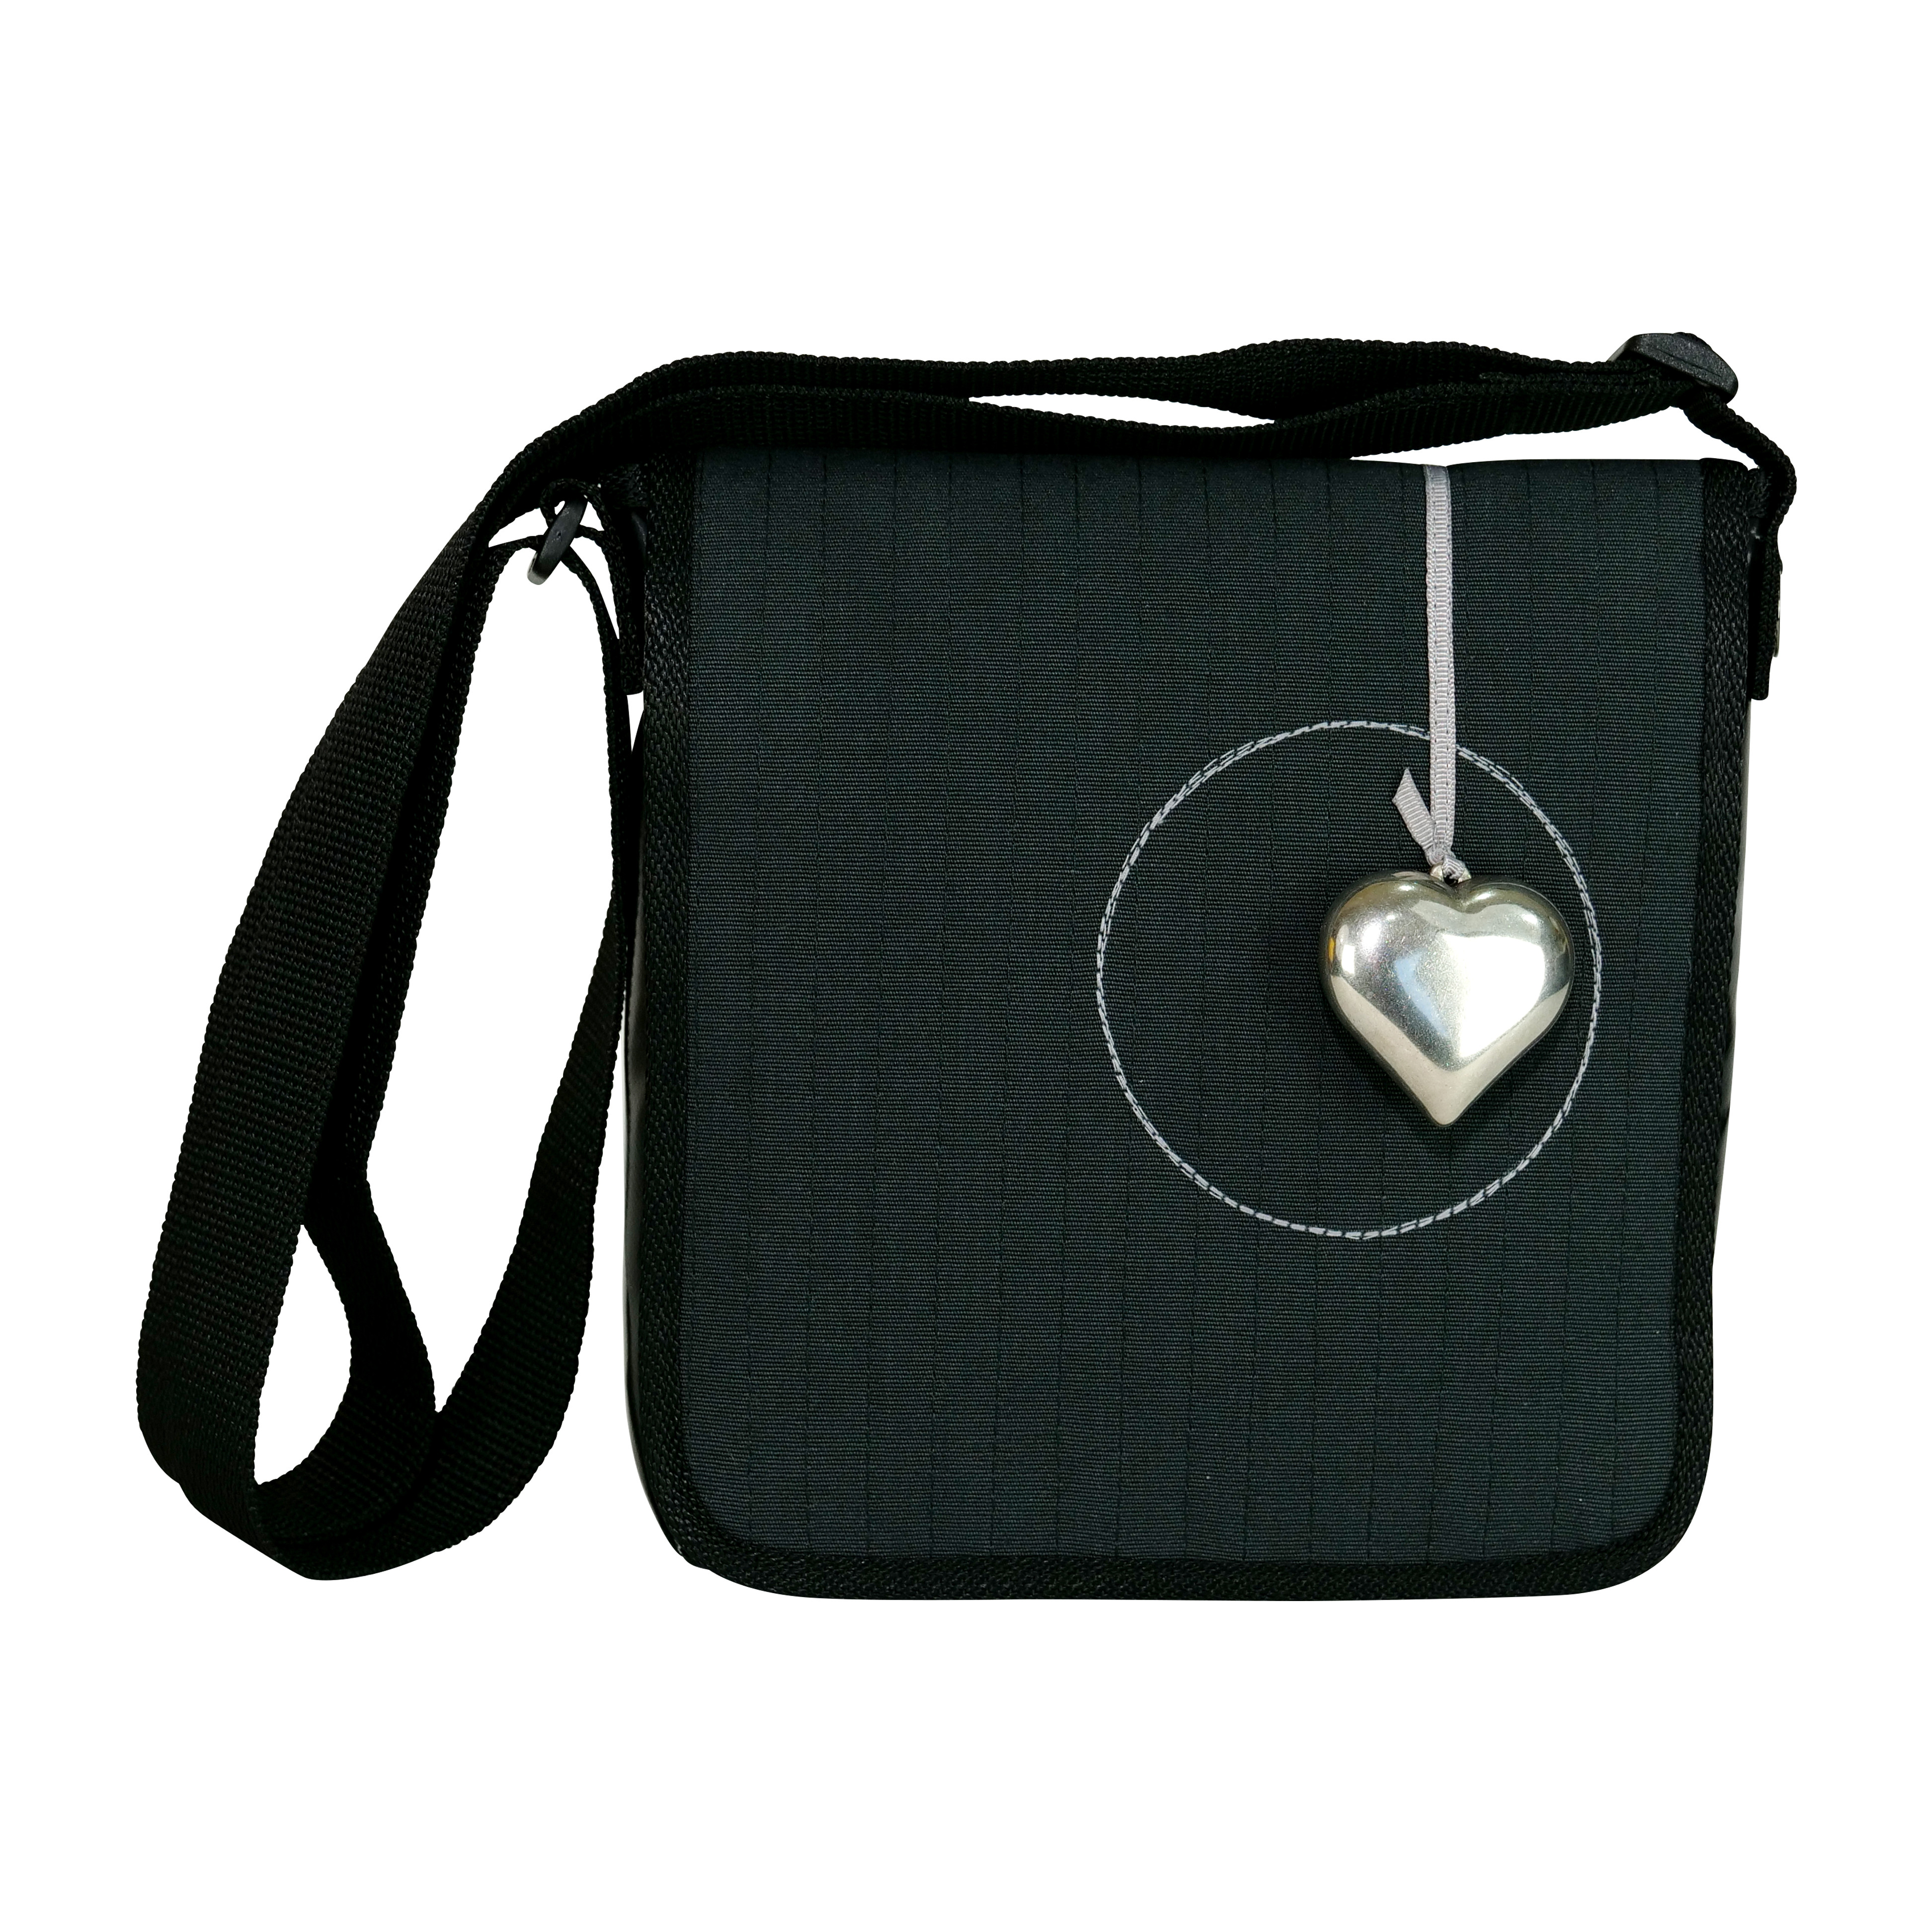 Tasche Tasche Tasche Anthrazit Tasche Quadratische Quadratische Anthrazit Quadratische Quadratische Anthrazit JclK1uTF3